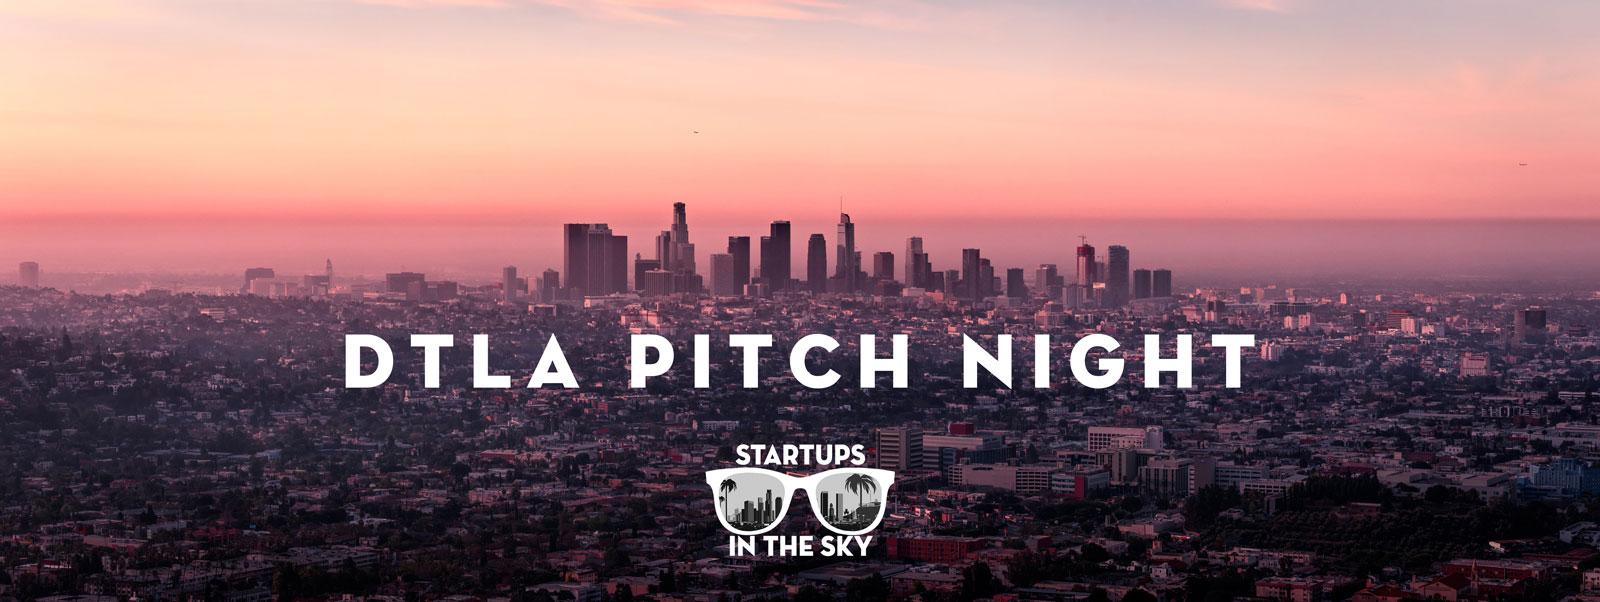 pitch-night-banner.jpg